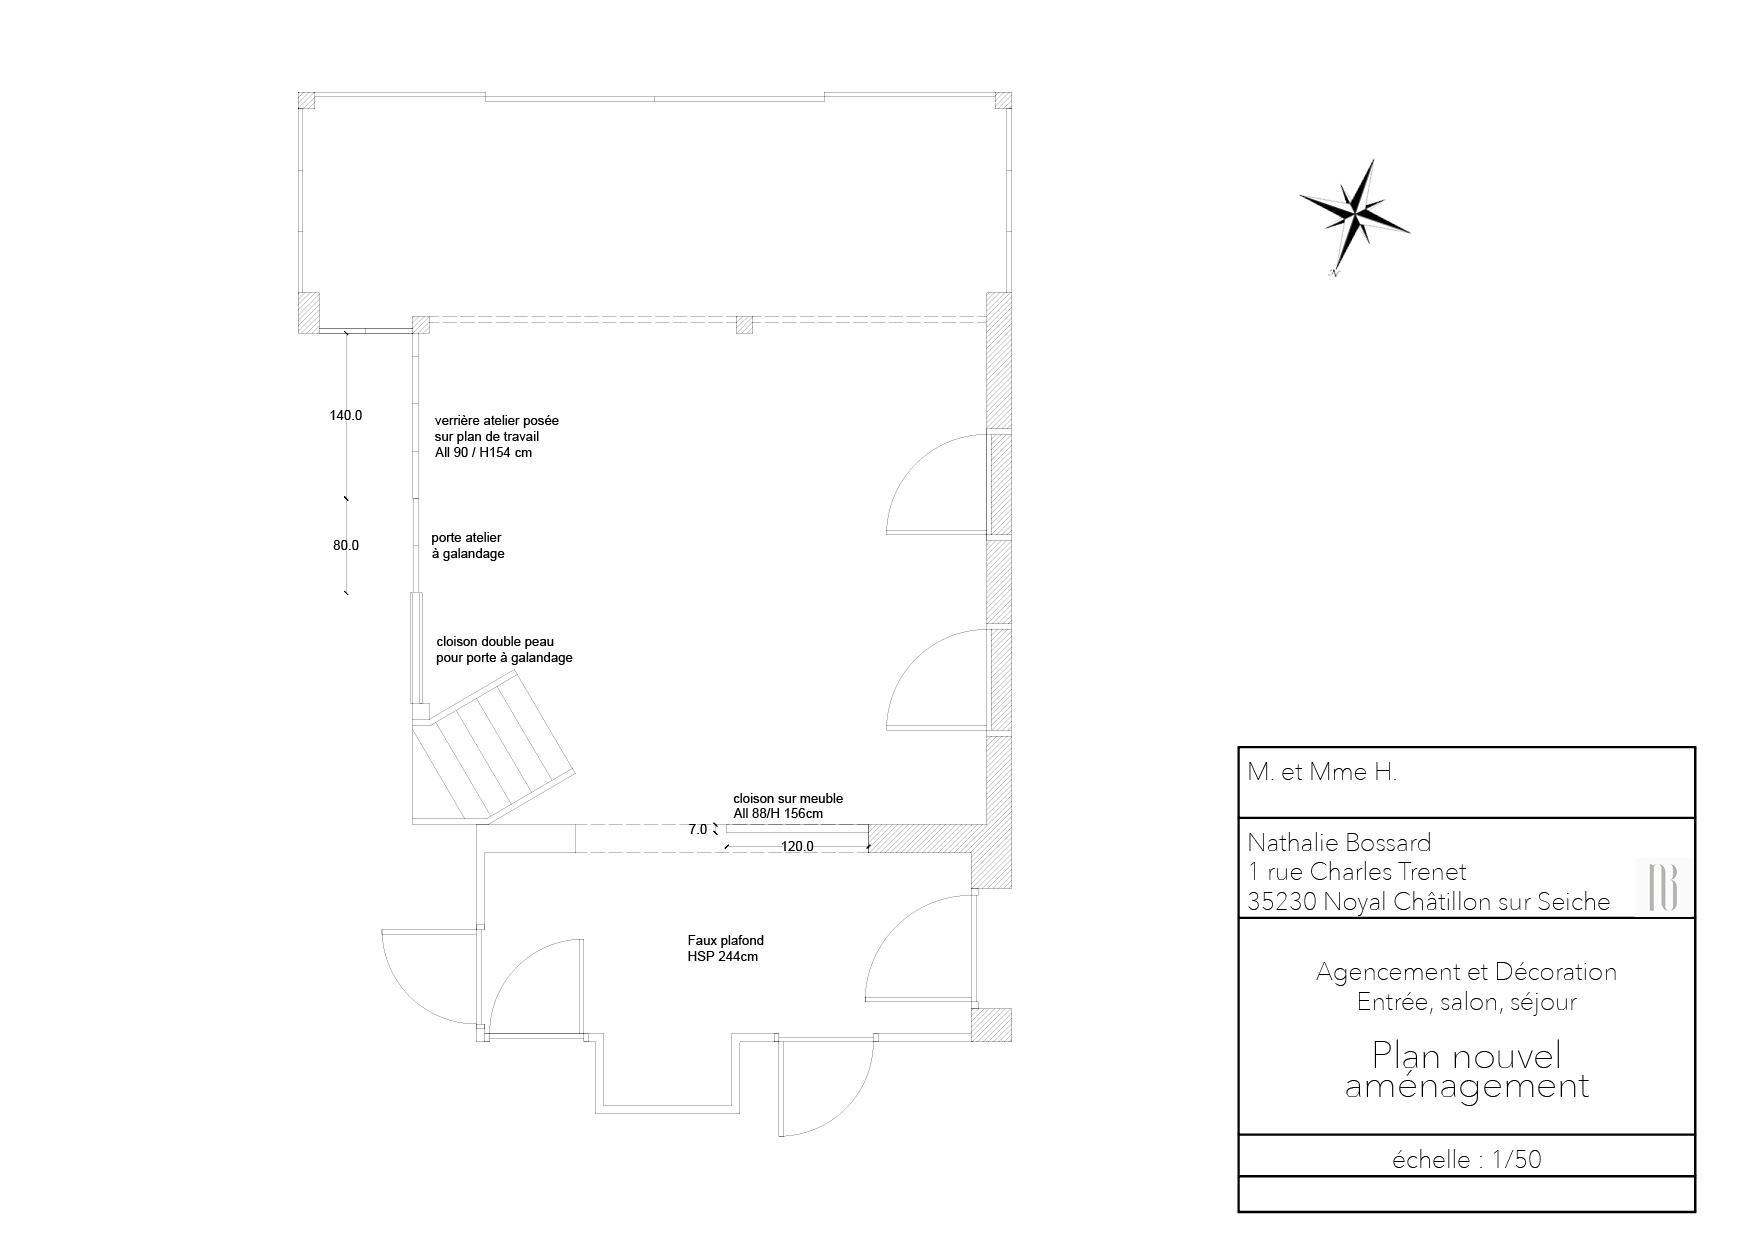 Nathalie Bossard décoration architecture intérieur Rennes 35 UFDI-390 Book déco maison individuelle bretagne sud 2019 plan nouvel aménagement